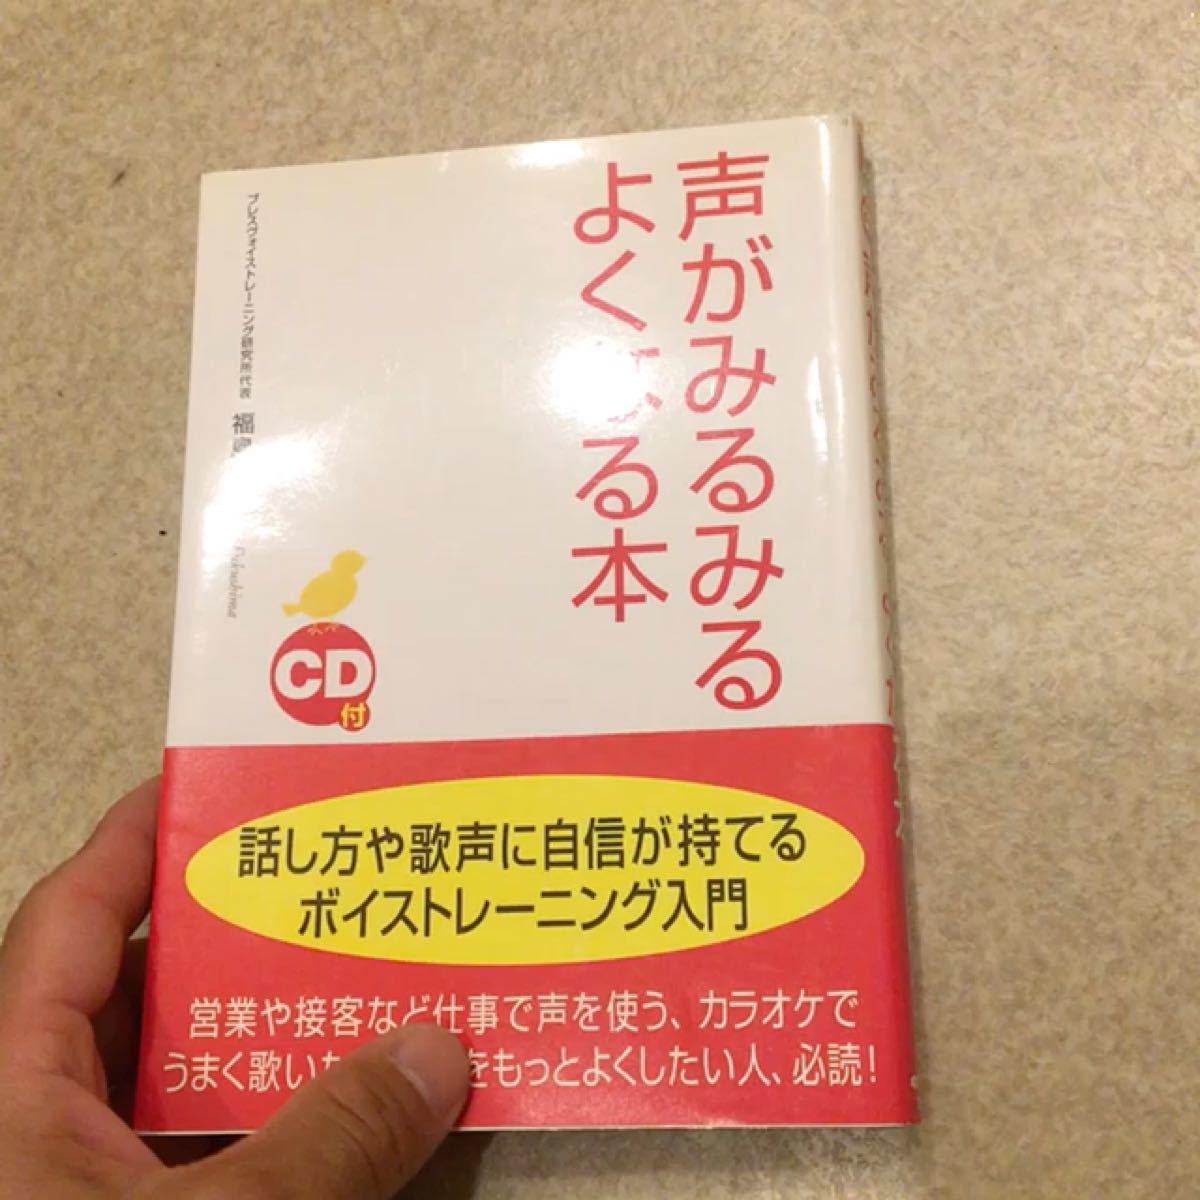 CD付声がみるみるよくなる本/福島英 (著者)